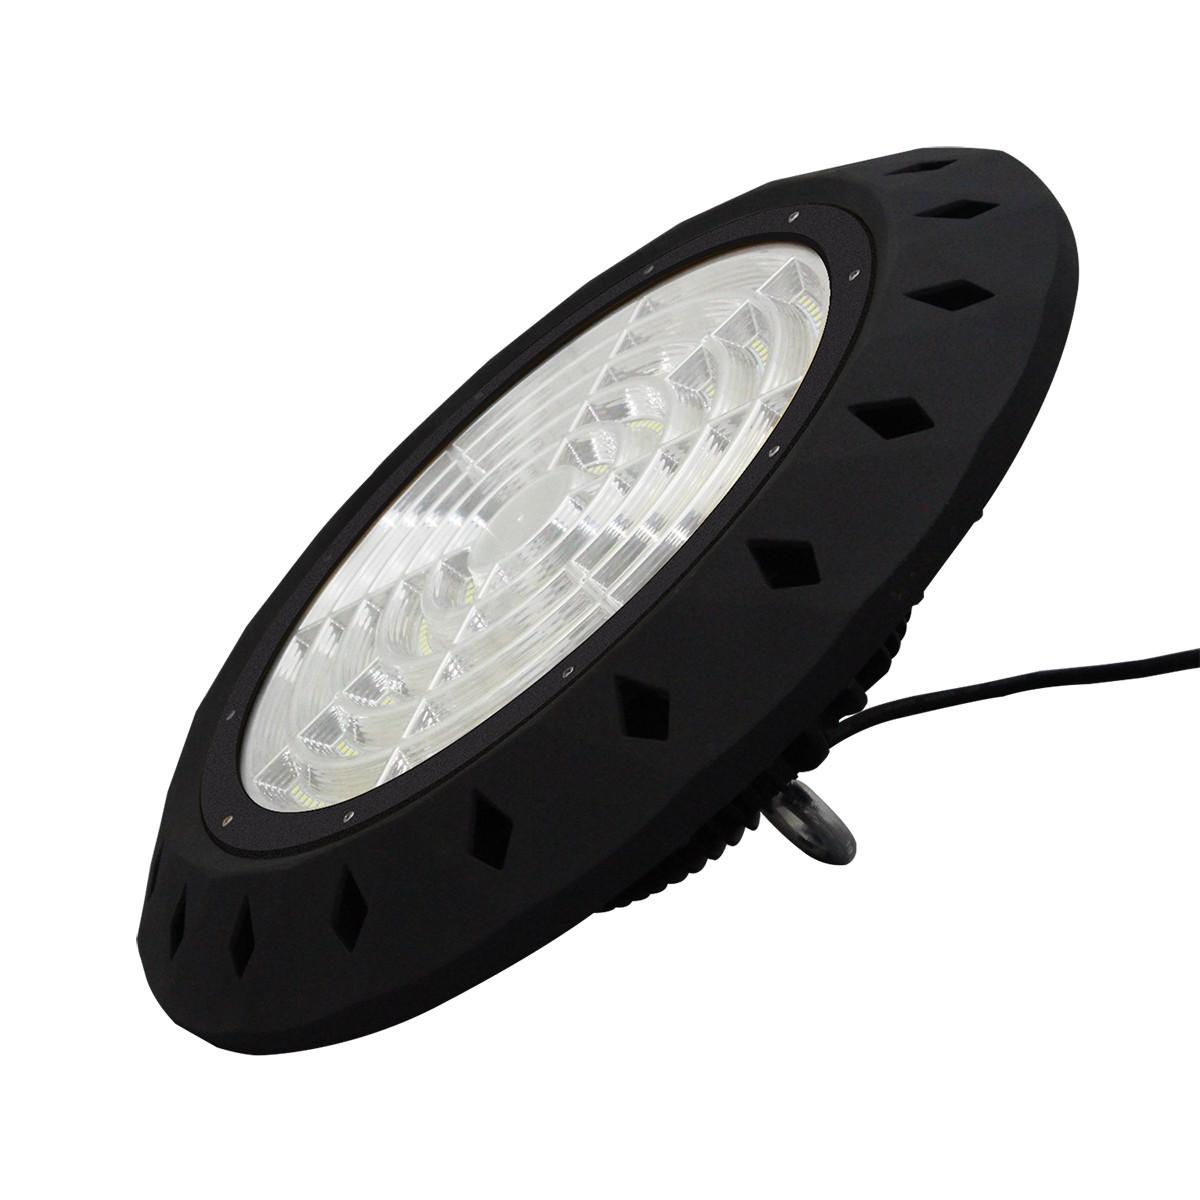 LED UFO High Bay 150W - Aigi - Magazijnverlichting - Waterdicht IP65 - Helder/Koud Wit 5700K - Alumi